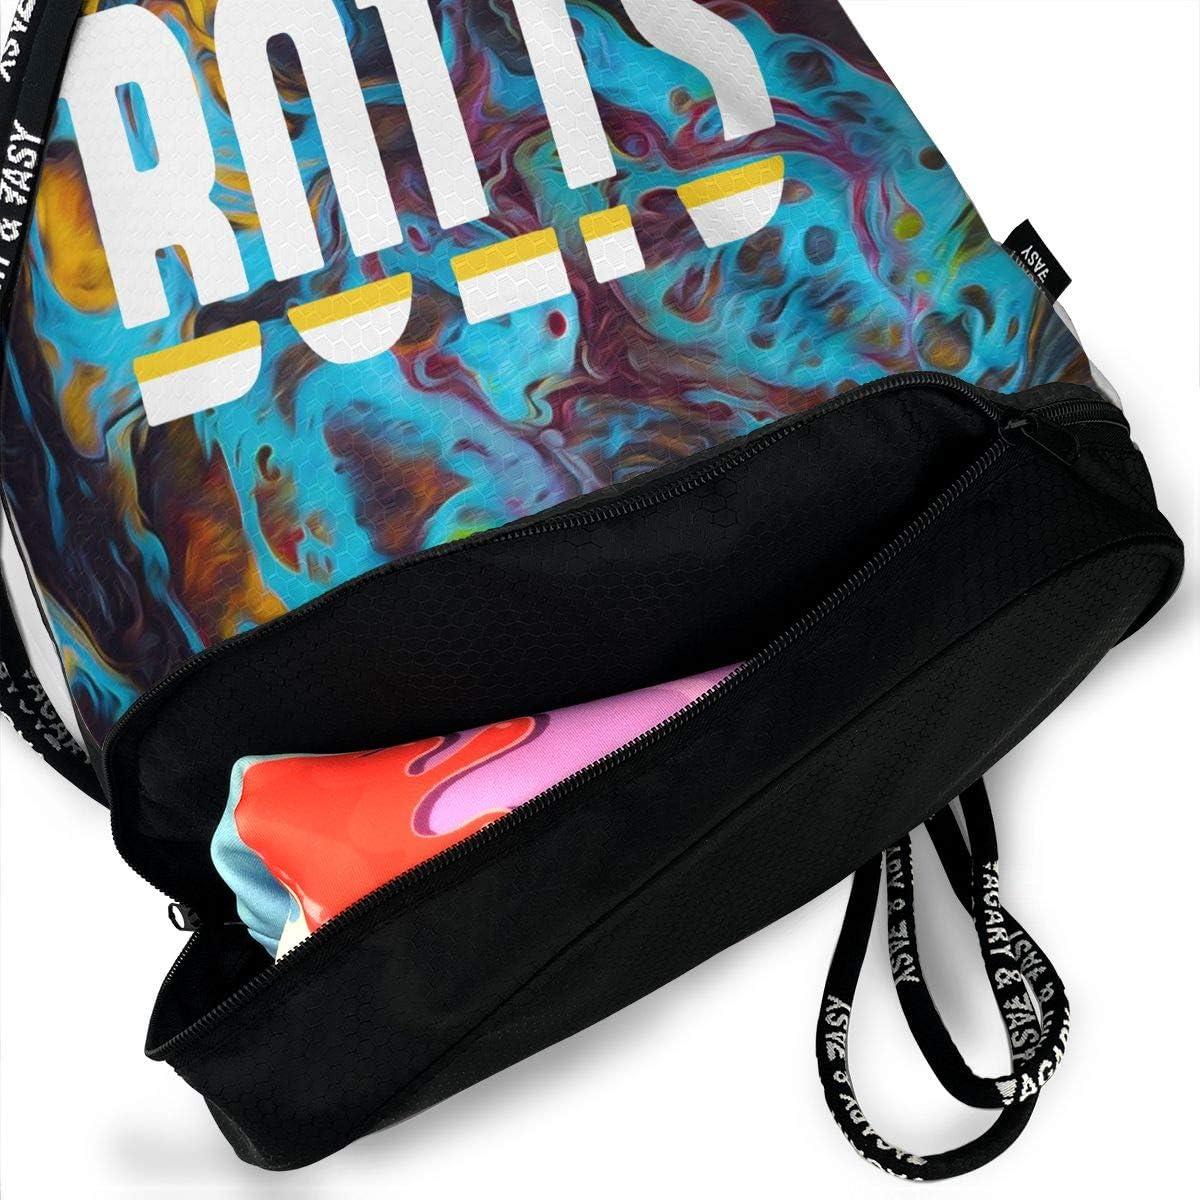 Drawstring Bag Los Angeles Bolts Gym Bag Sport Backpack Shoulder Bags Travel College Rucksack